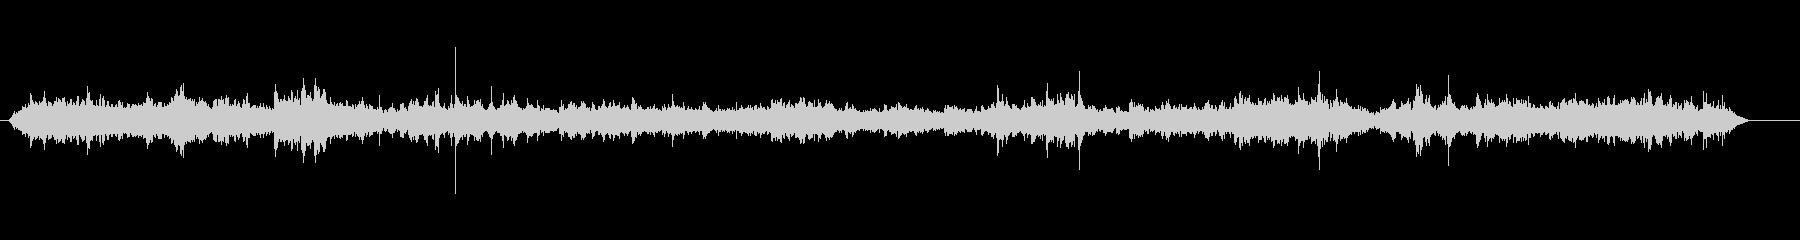 ホテルロビー-声(の未再生の波形